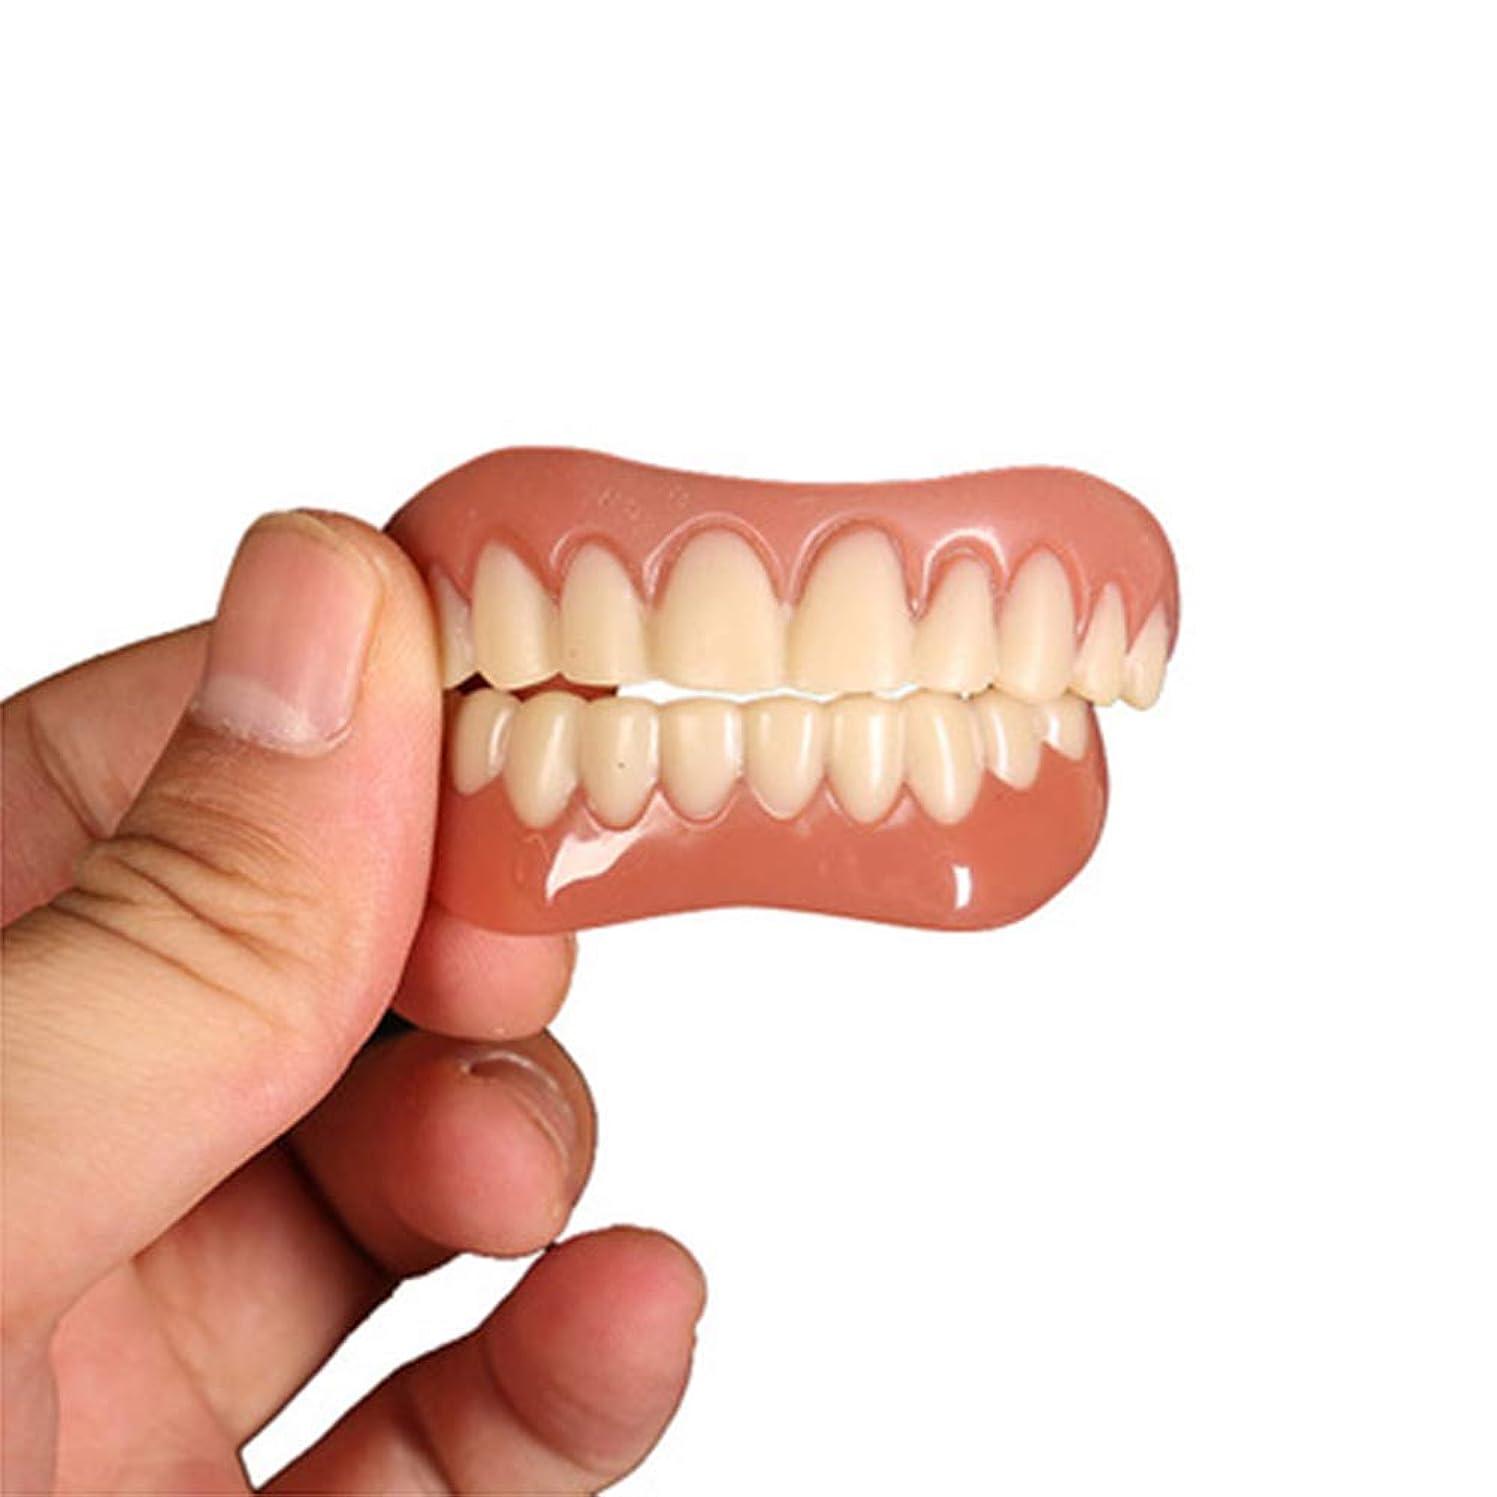 内陸バナー親愛な8セット、化粧品の歯、白い歯をきれいにするための快適さにフィットするフレックス歯のソケット、化粧品の歯義歯の歯のトップ化粧品、